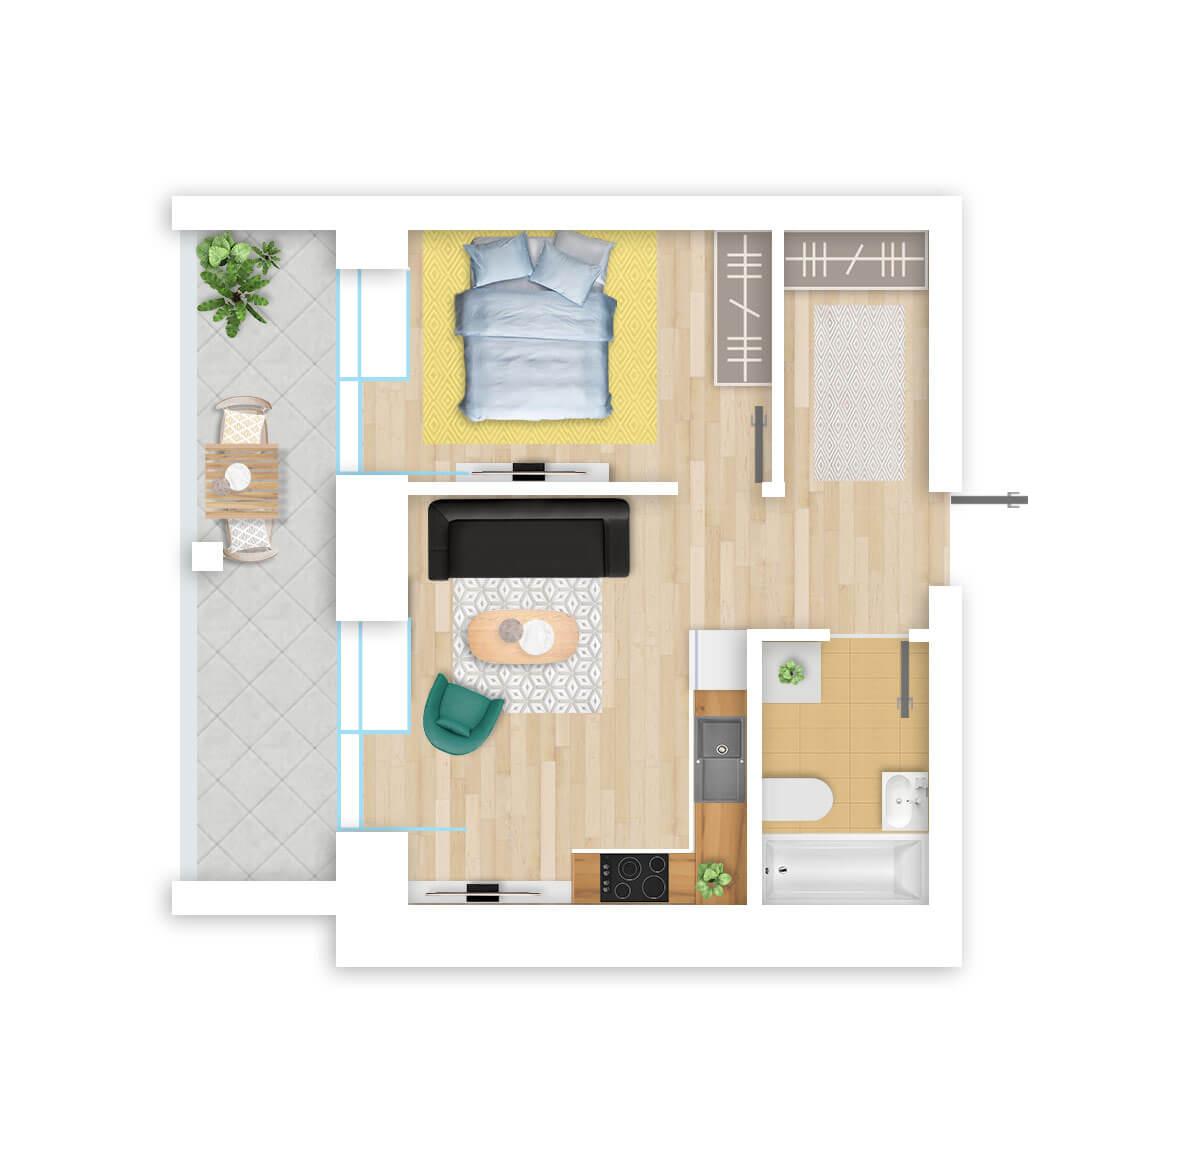 parduodamas butas Lazdynėlių g. 16B - 2 Vilniuje, buto 3D vaizdas